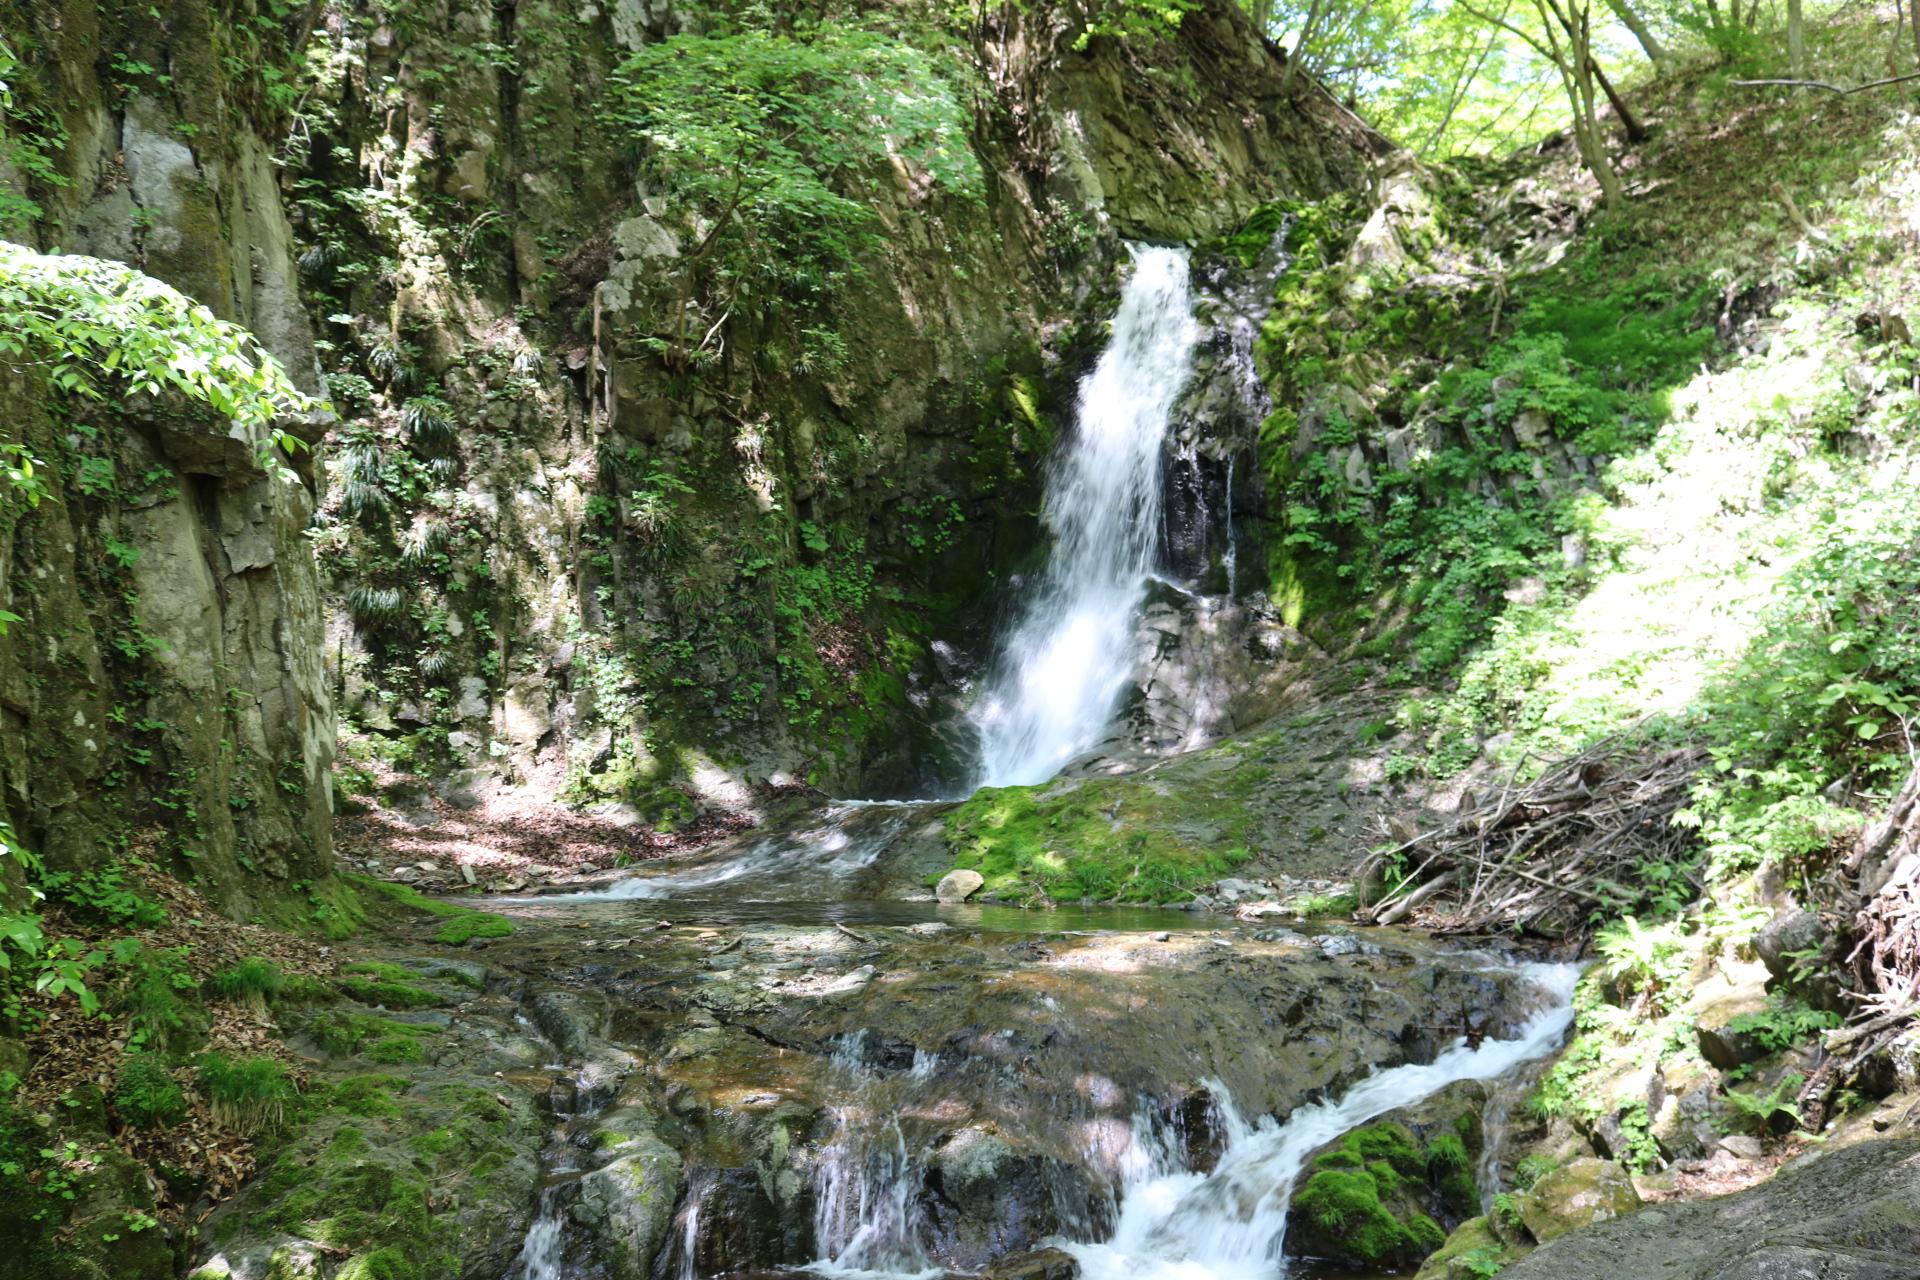 「丁字滝」の画像検索結果